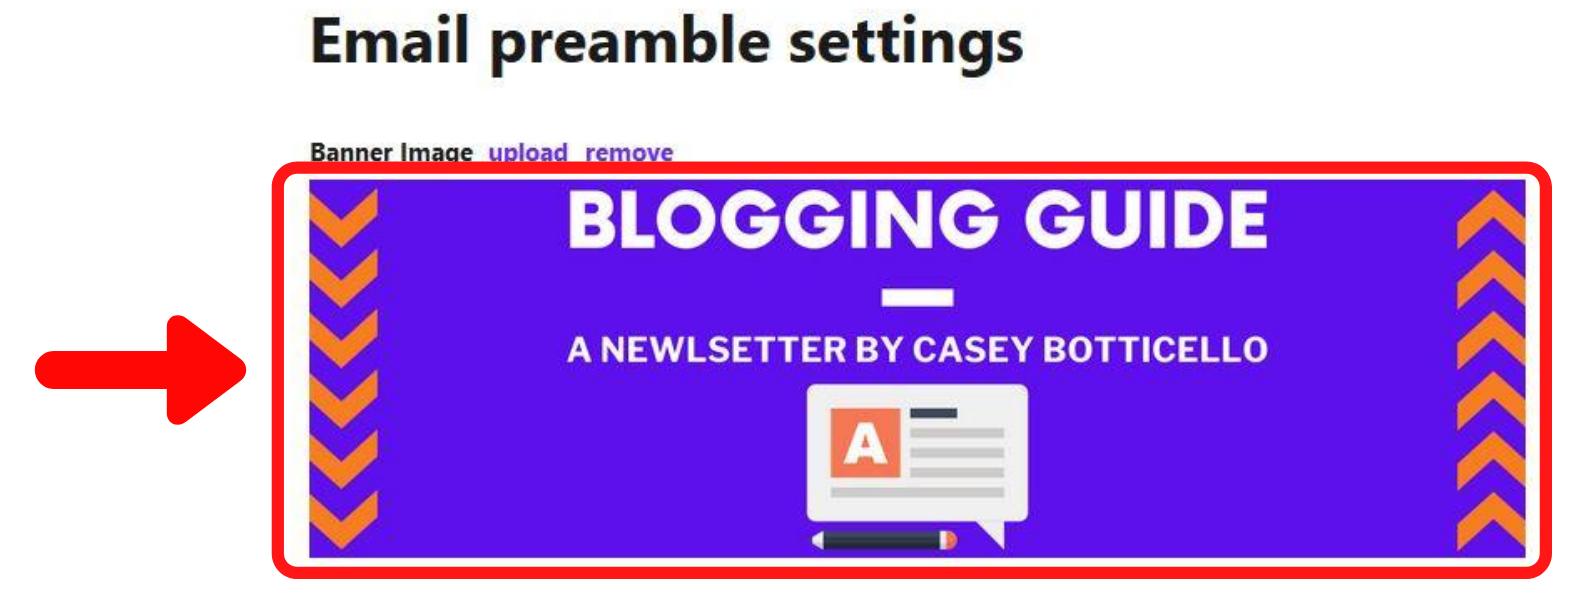 blogging guide banner, substack blogging guide, substack guide, substack email preamble banner, substack banner, substack